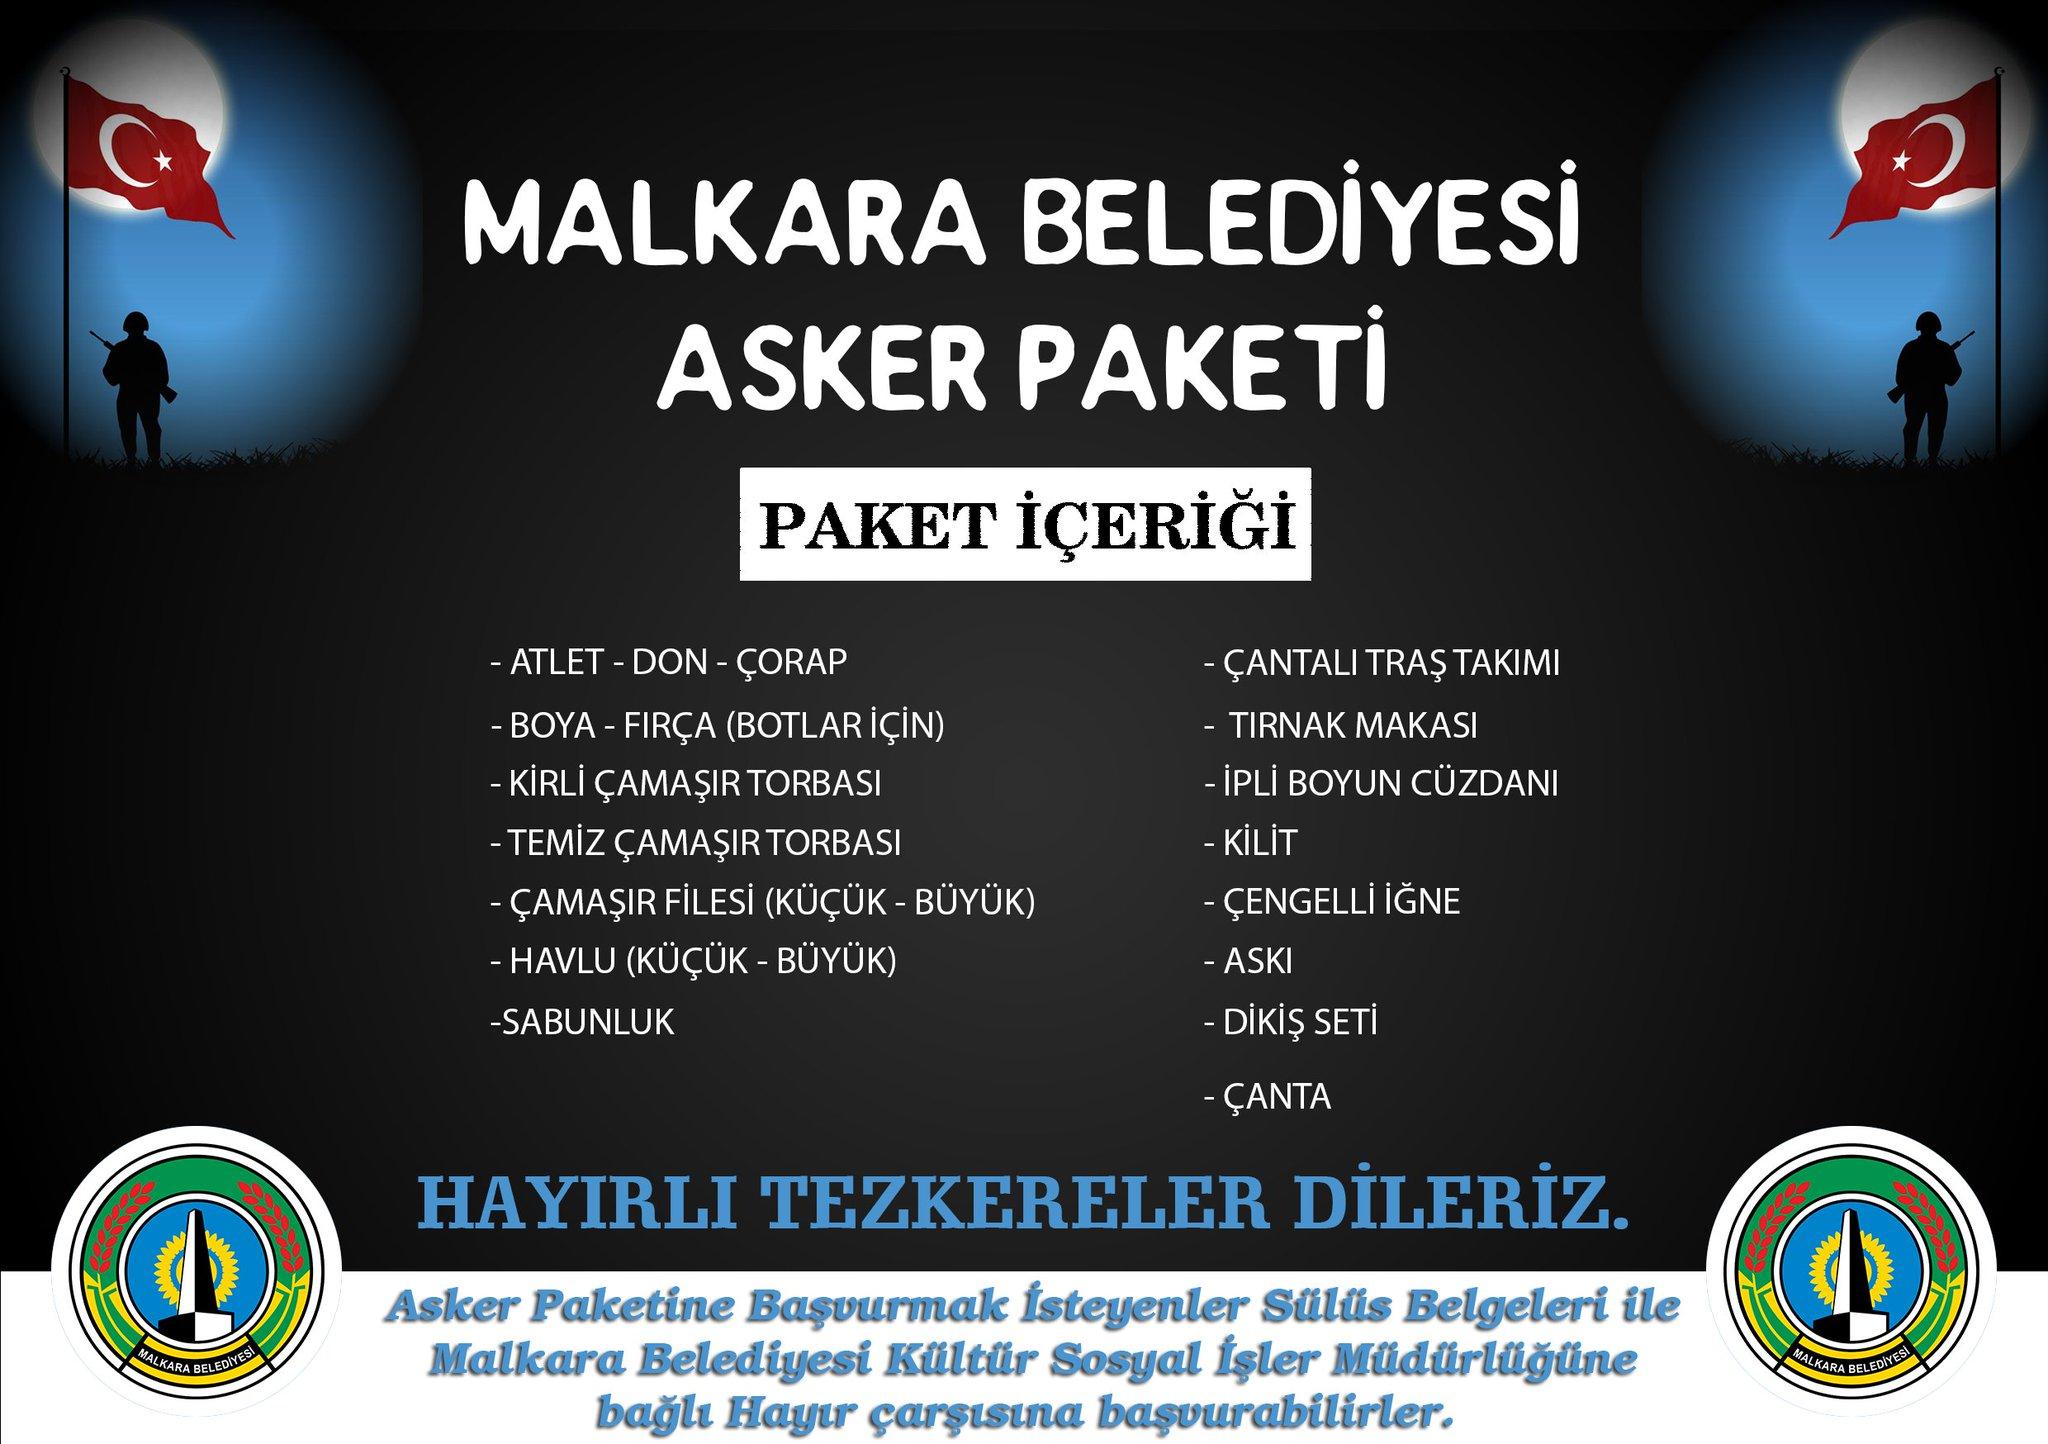 Malkara Belediyesi On Twitter Askerpaketi